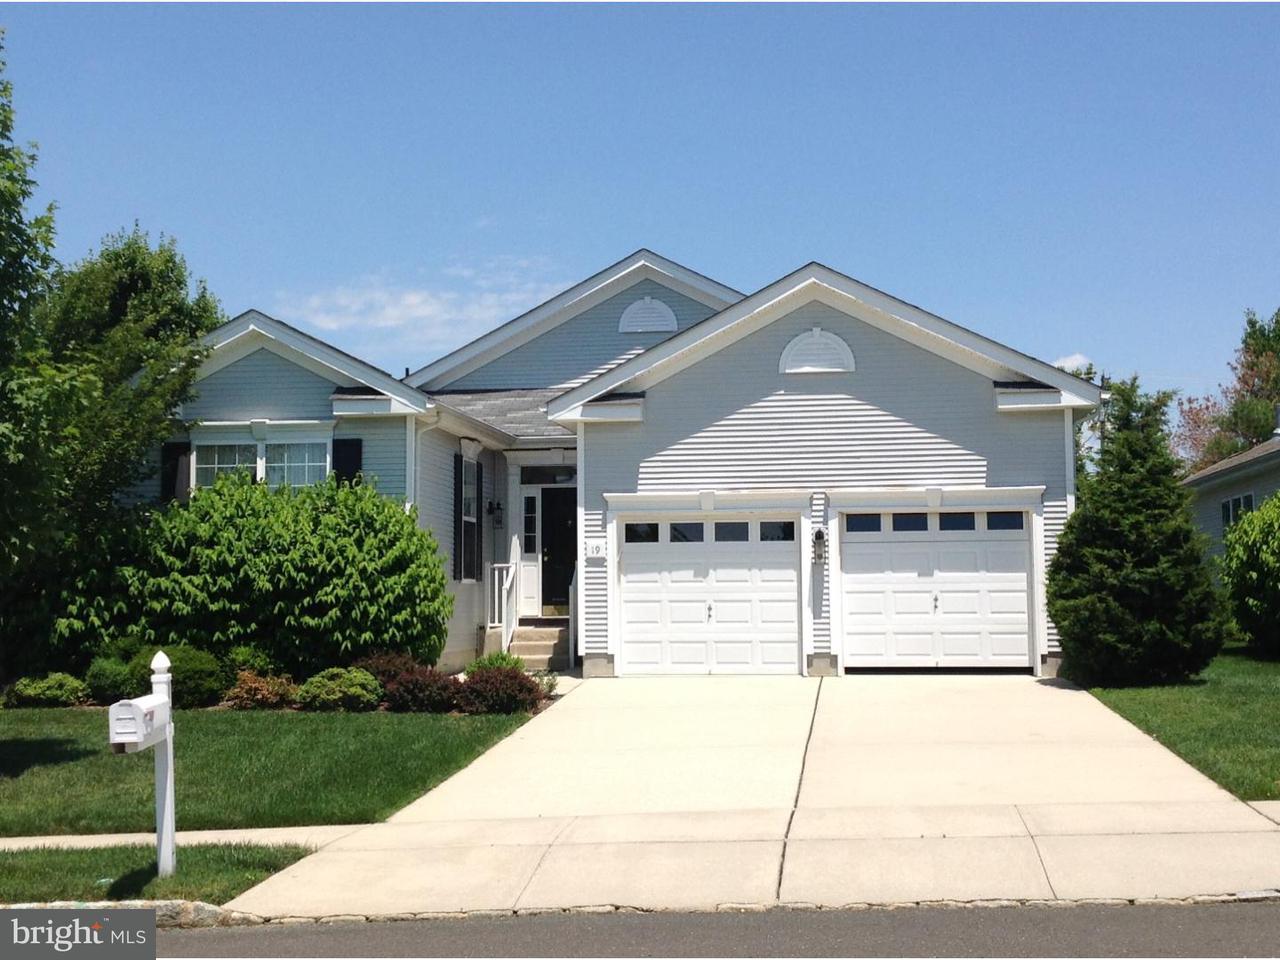 Casa Unifamiliar por un Alquiler en 19 BROCKTON Court Swedesboro, Nueva Jersey 08085 Estados Unidos